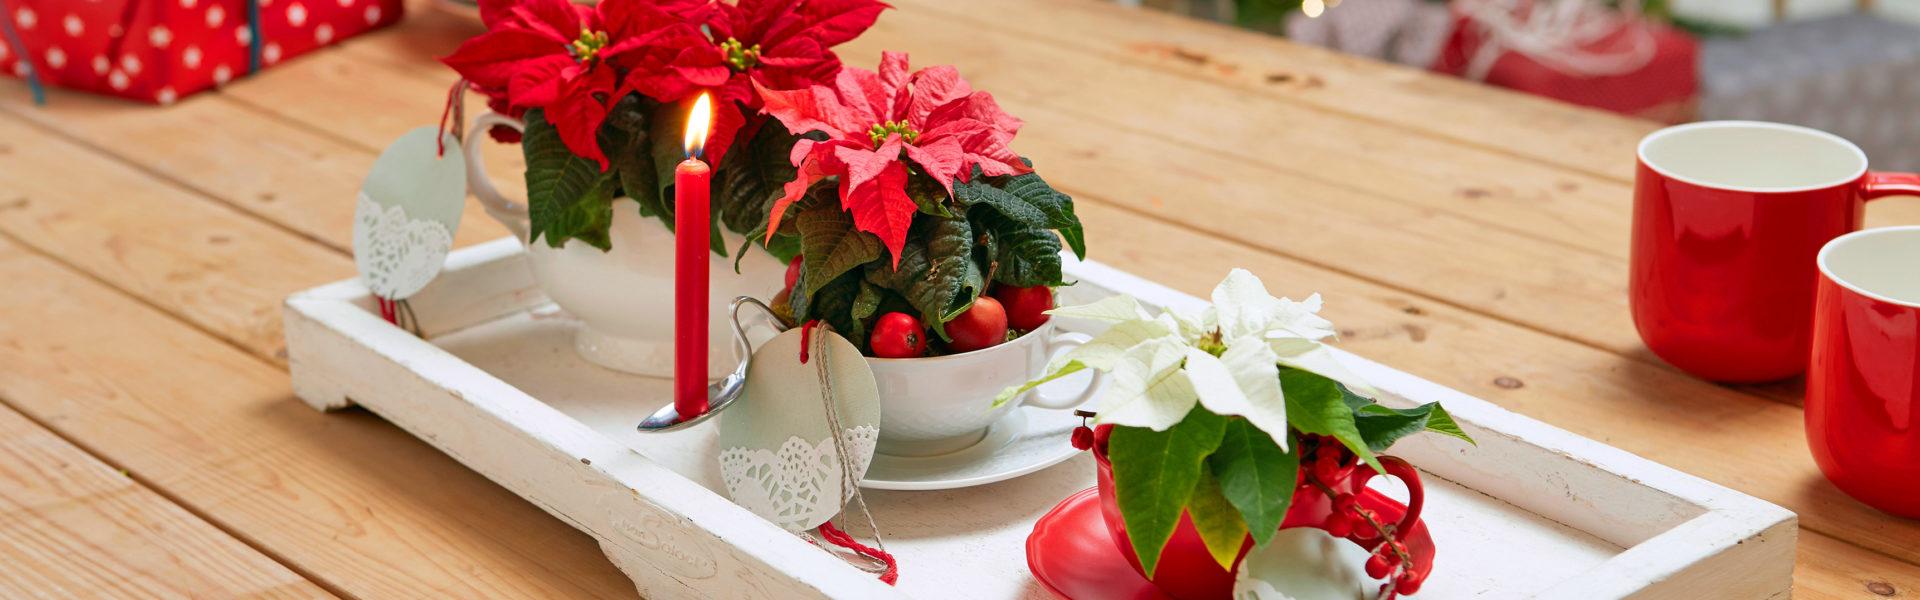 Juledekorasjoner på et brett